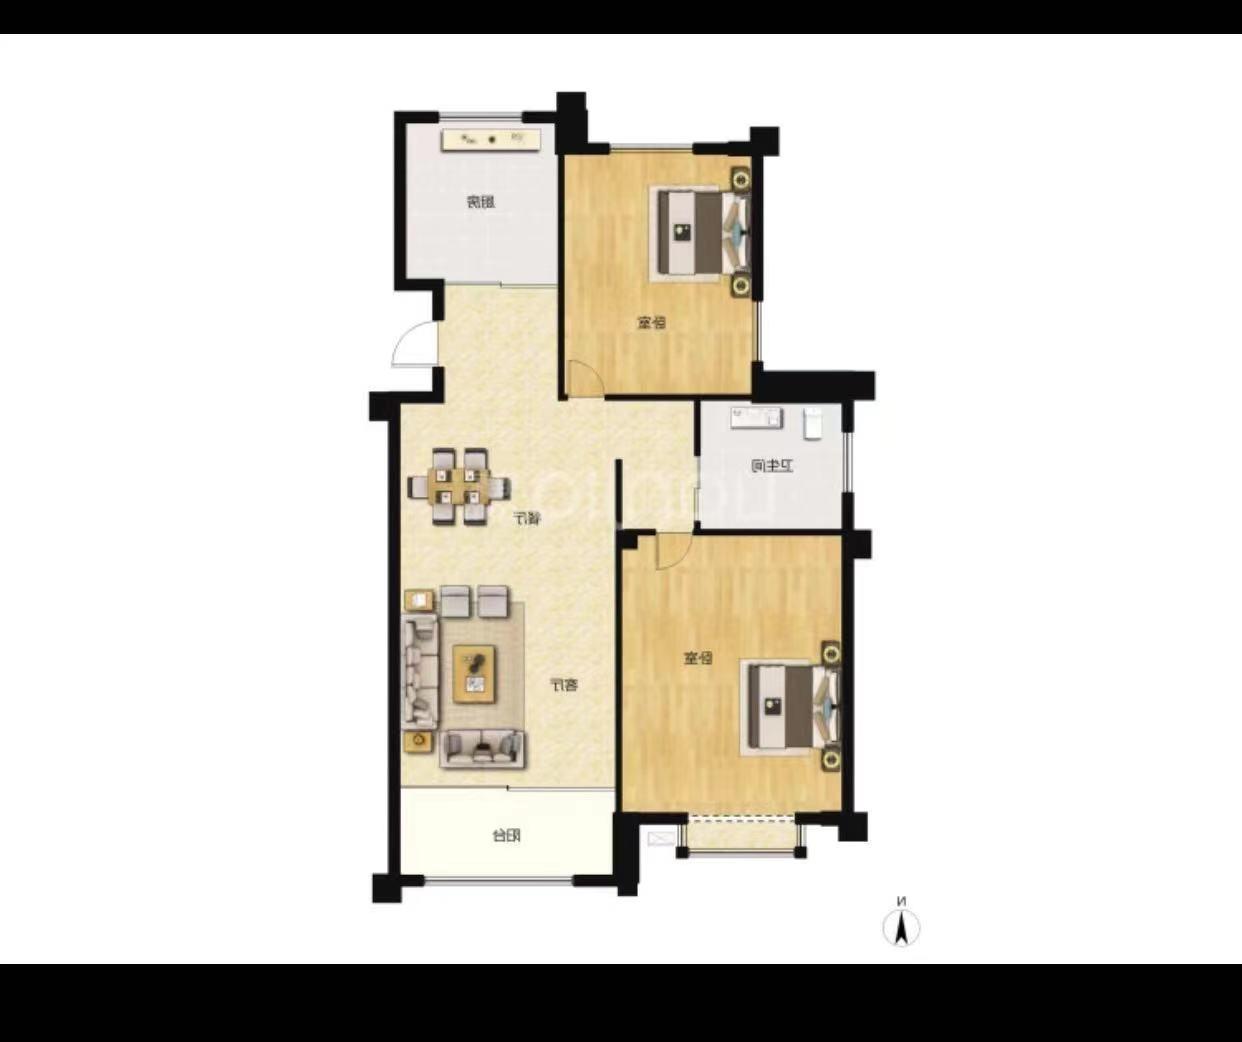 这是75平的房子,客厅没有阳台,卫生间又太小了,是不是只能砌墙做一个阳台放洗衣机